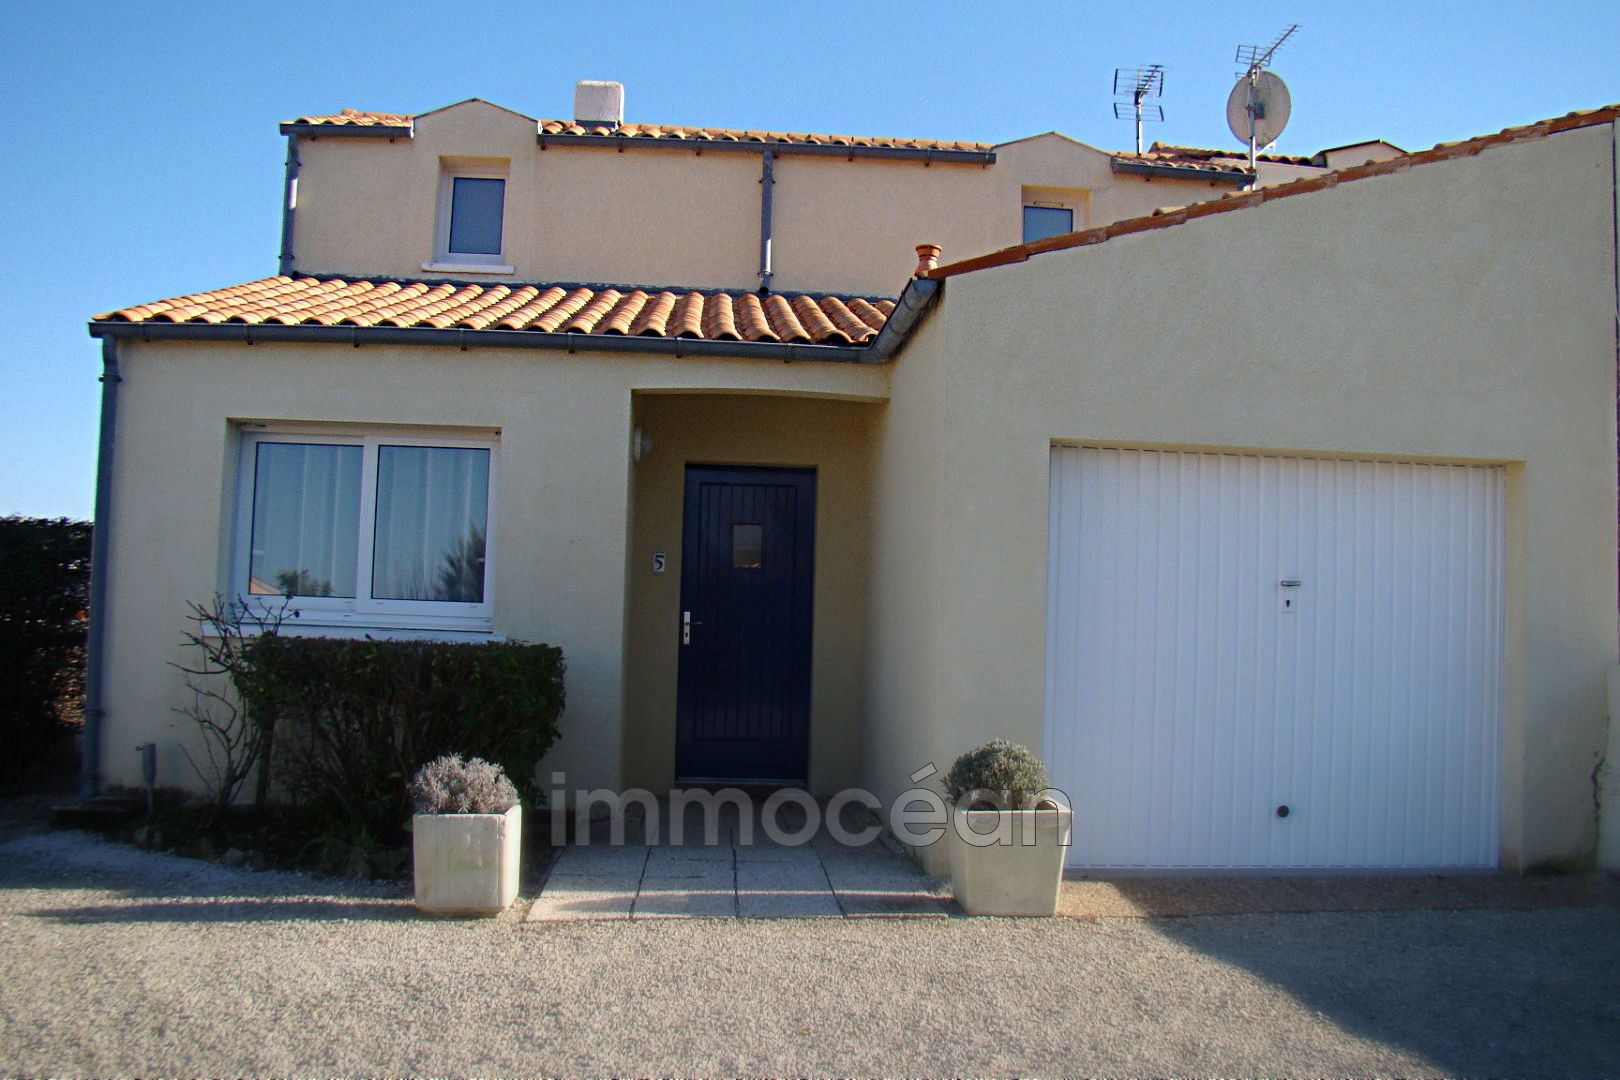 Location saisonnière maison Royan - réf. 690L43M